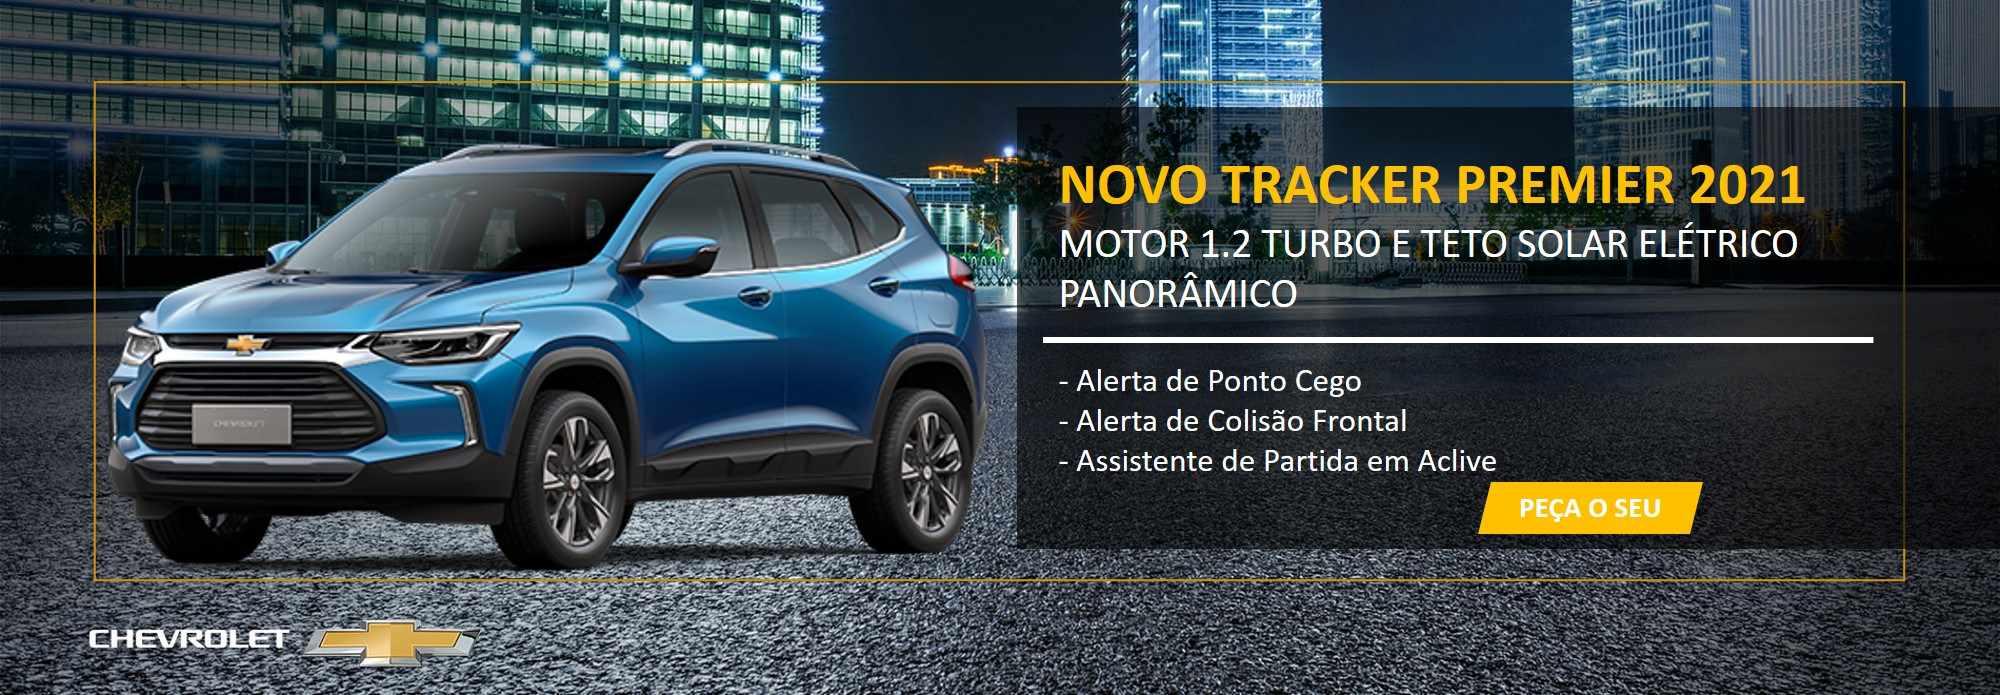 NOVO TRACKER PREMIER 2021 MOTOR 1.2 TURBO E TETO SOLAR ELÉTRICO PANORÂMICO - APROVEITE ESSA OPORTUNIDADE!